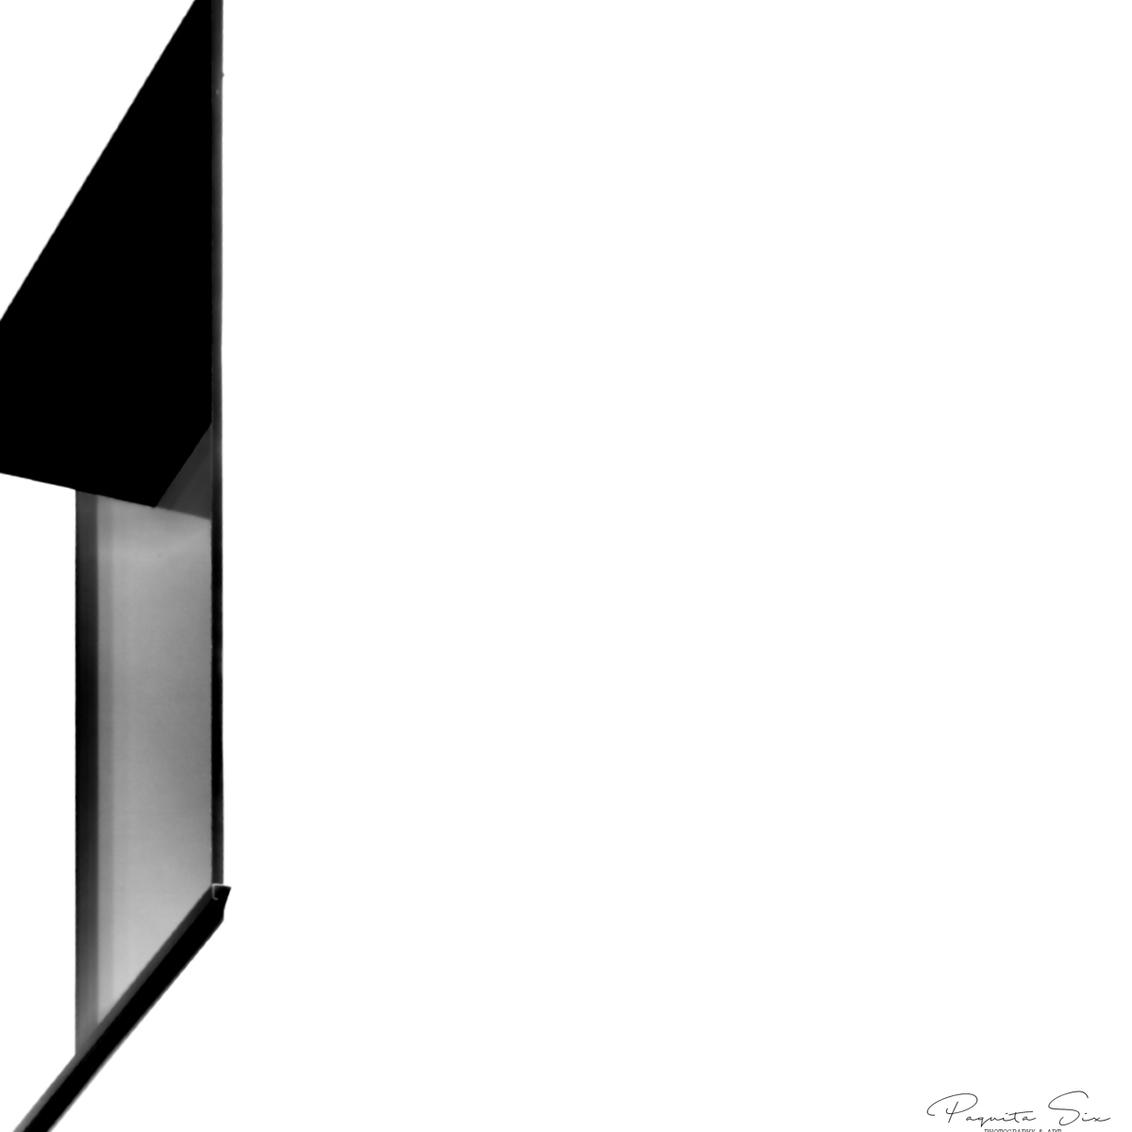 Abstracte archi - - - foto door Paquita op 28-10-2020 - deze foto bevat: abstract, licht, lijnen, architectuur, gebouw, kunst, zwartwit